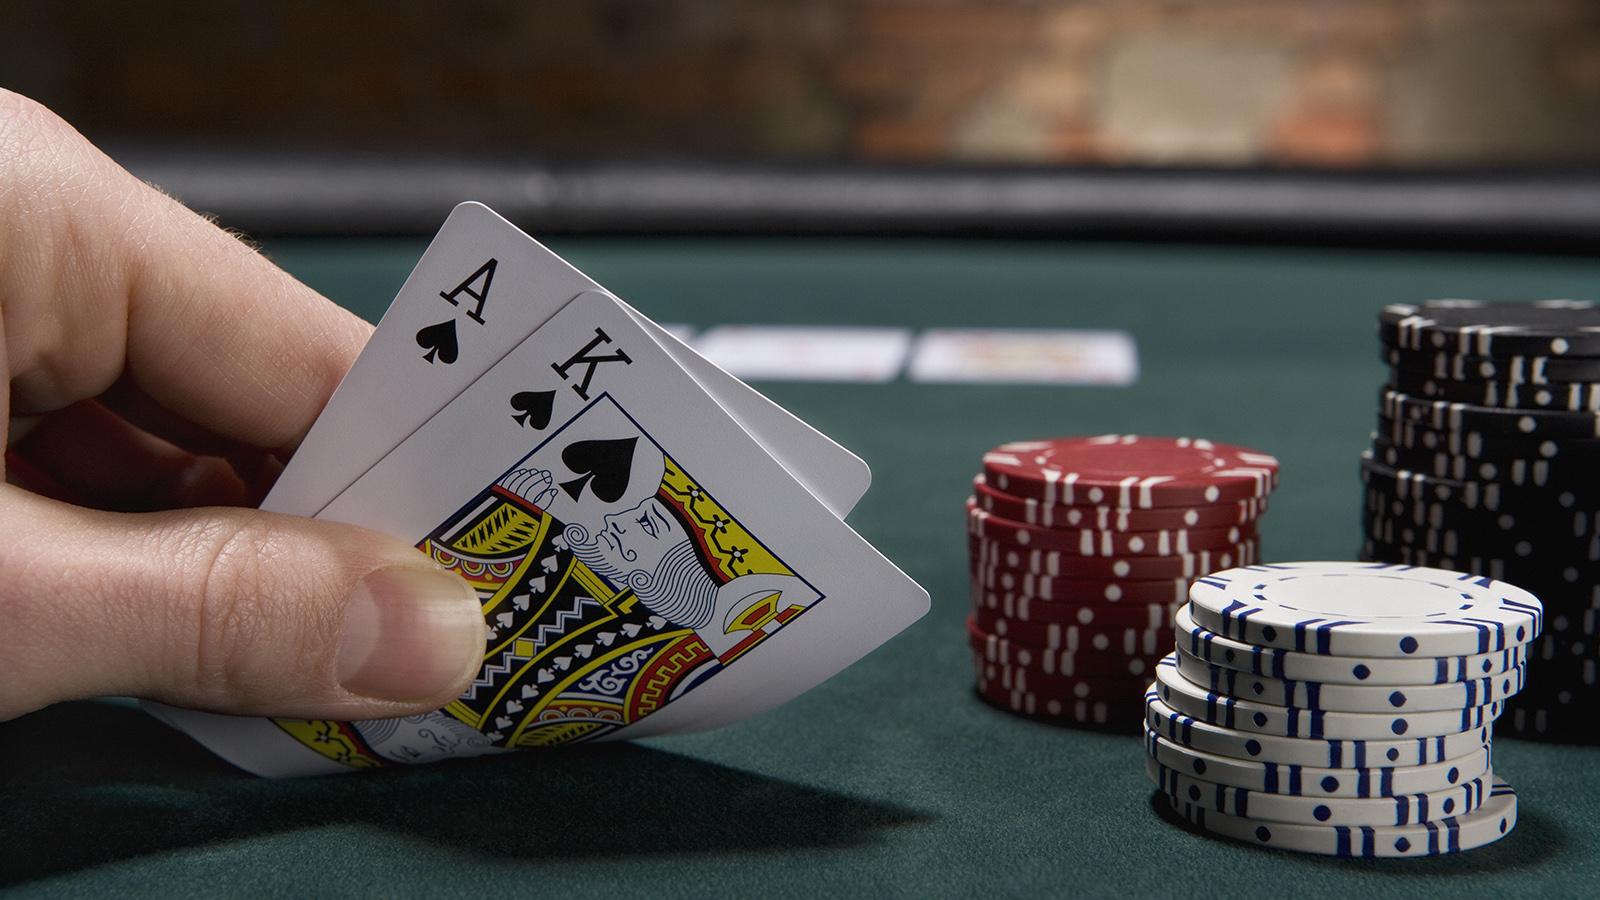 Blackjack Online • Play Free Blackjack Games Unlimited